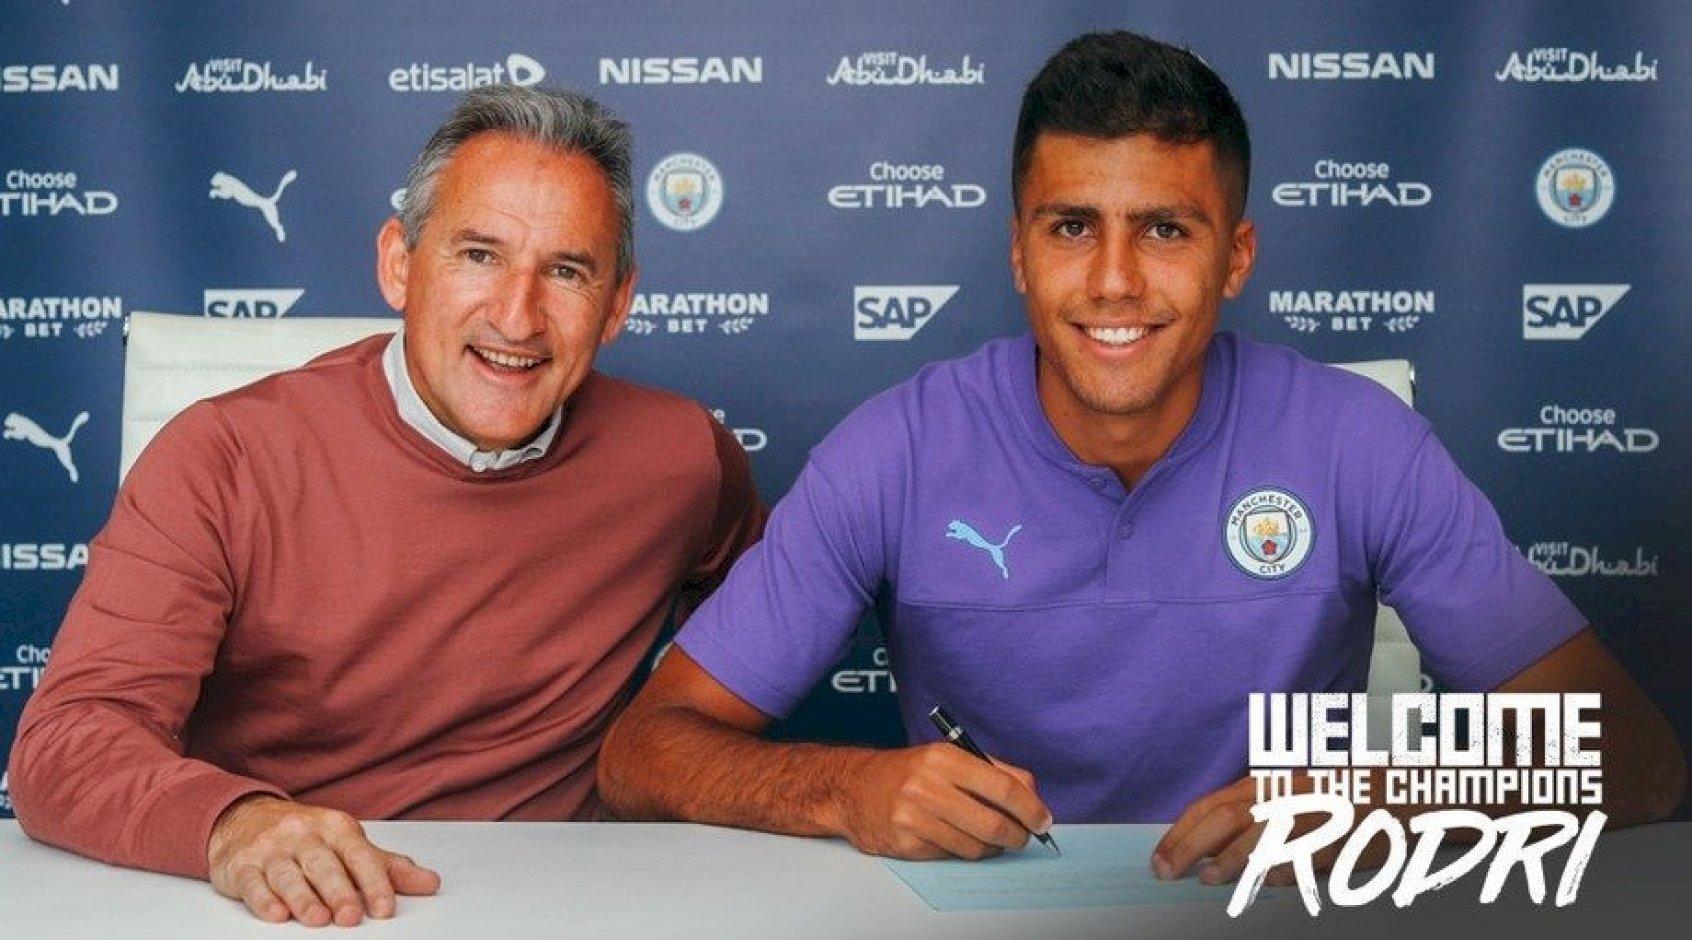 """Официально: """"Манчестер Сити"""" объявил о подписании контракта с Родриго Эрнандесом"""